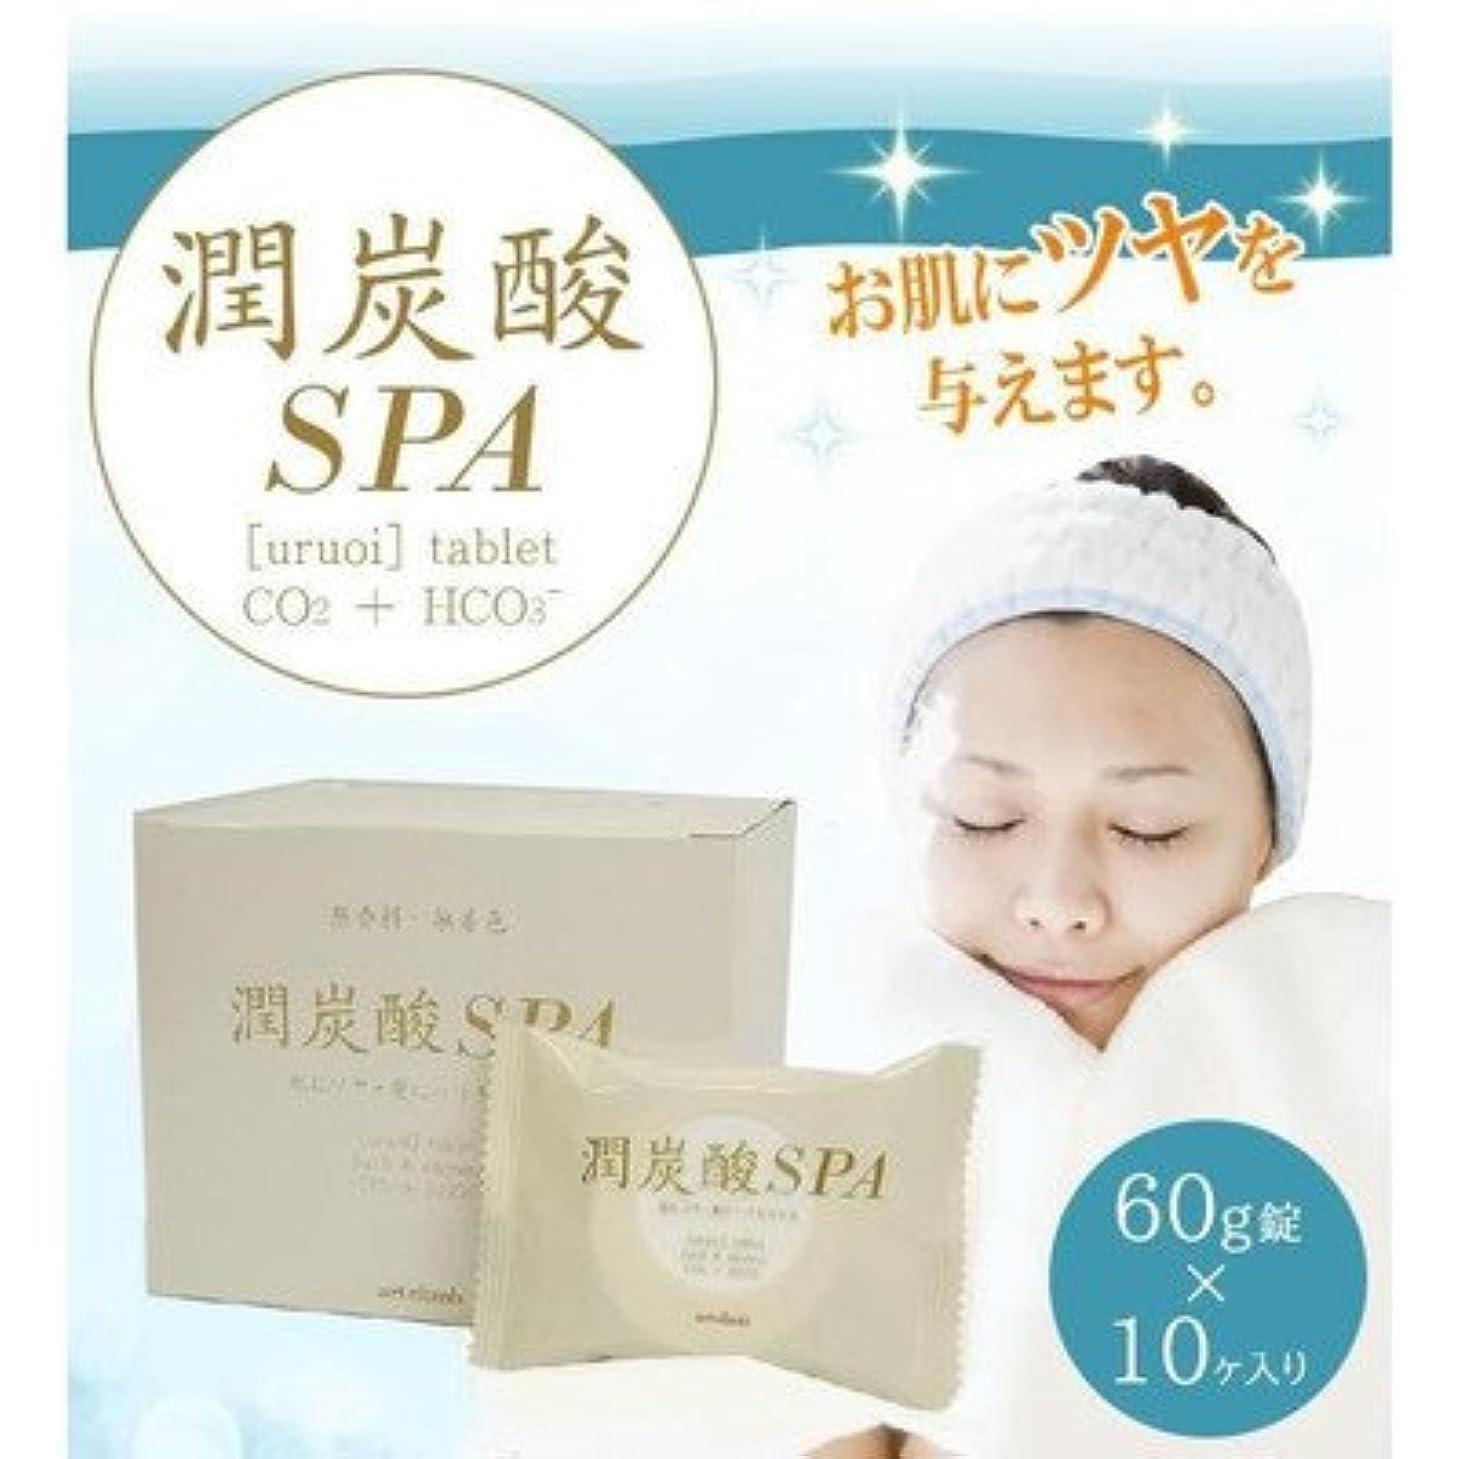 予測する発音自宅でお風呂にポンッと入れるだけで話題の 炭酸風呂 に 潤炭酸SPA BS 60g錠×10ヶ入り 浴用化粧料